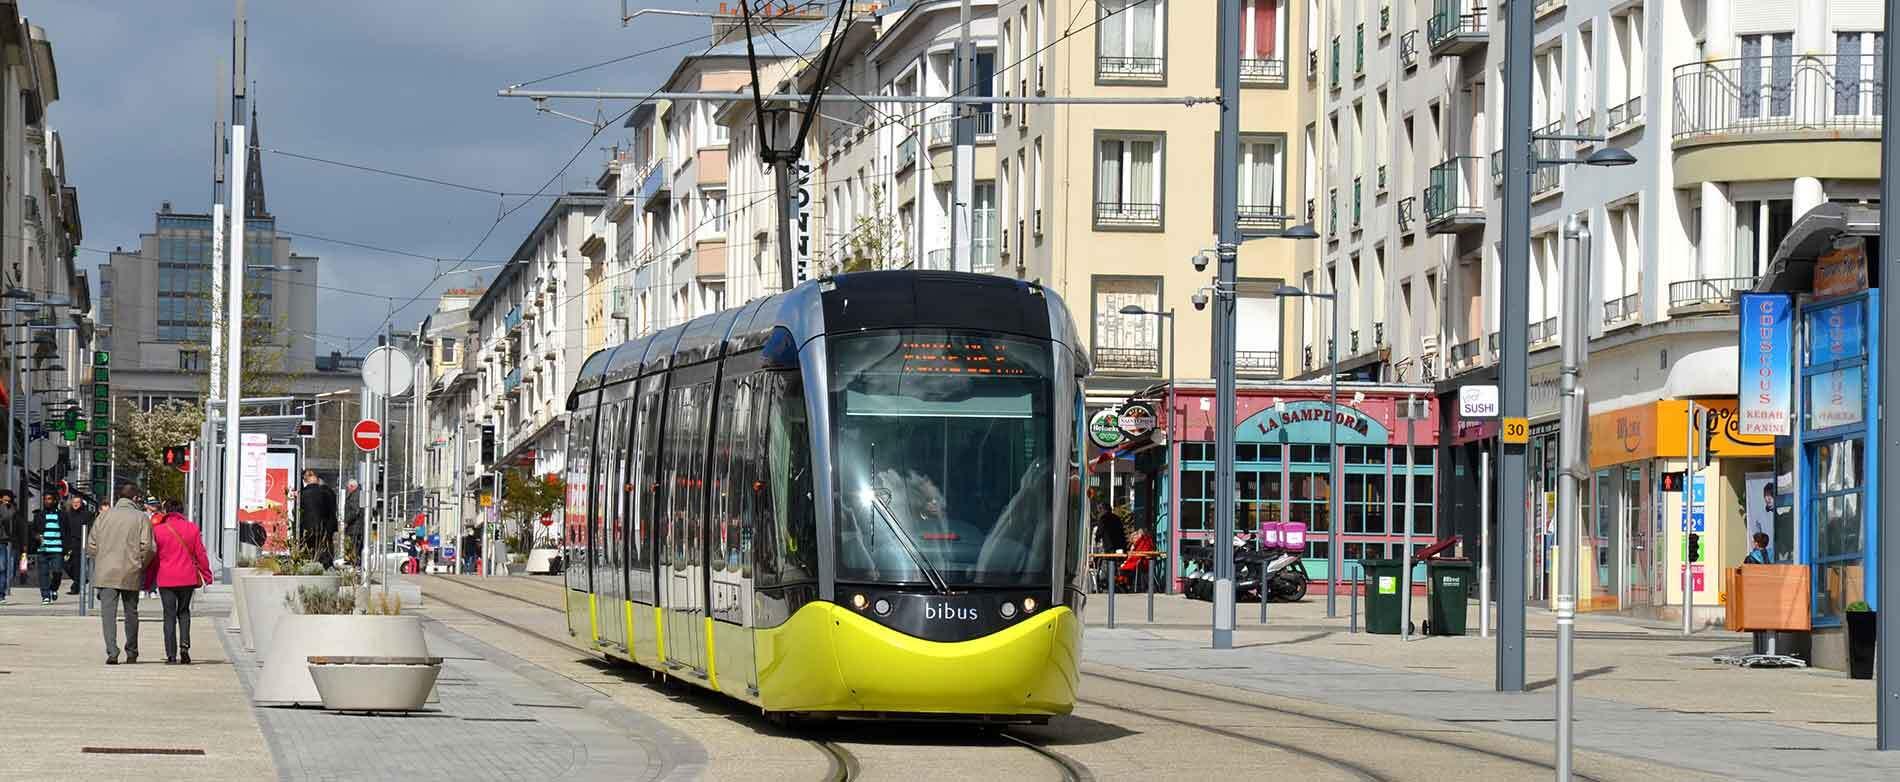 Webcam à l'Hôtel de ville de Brest